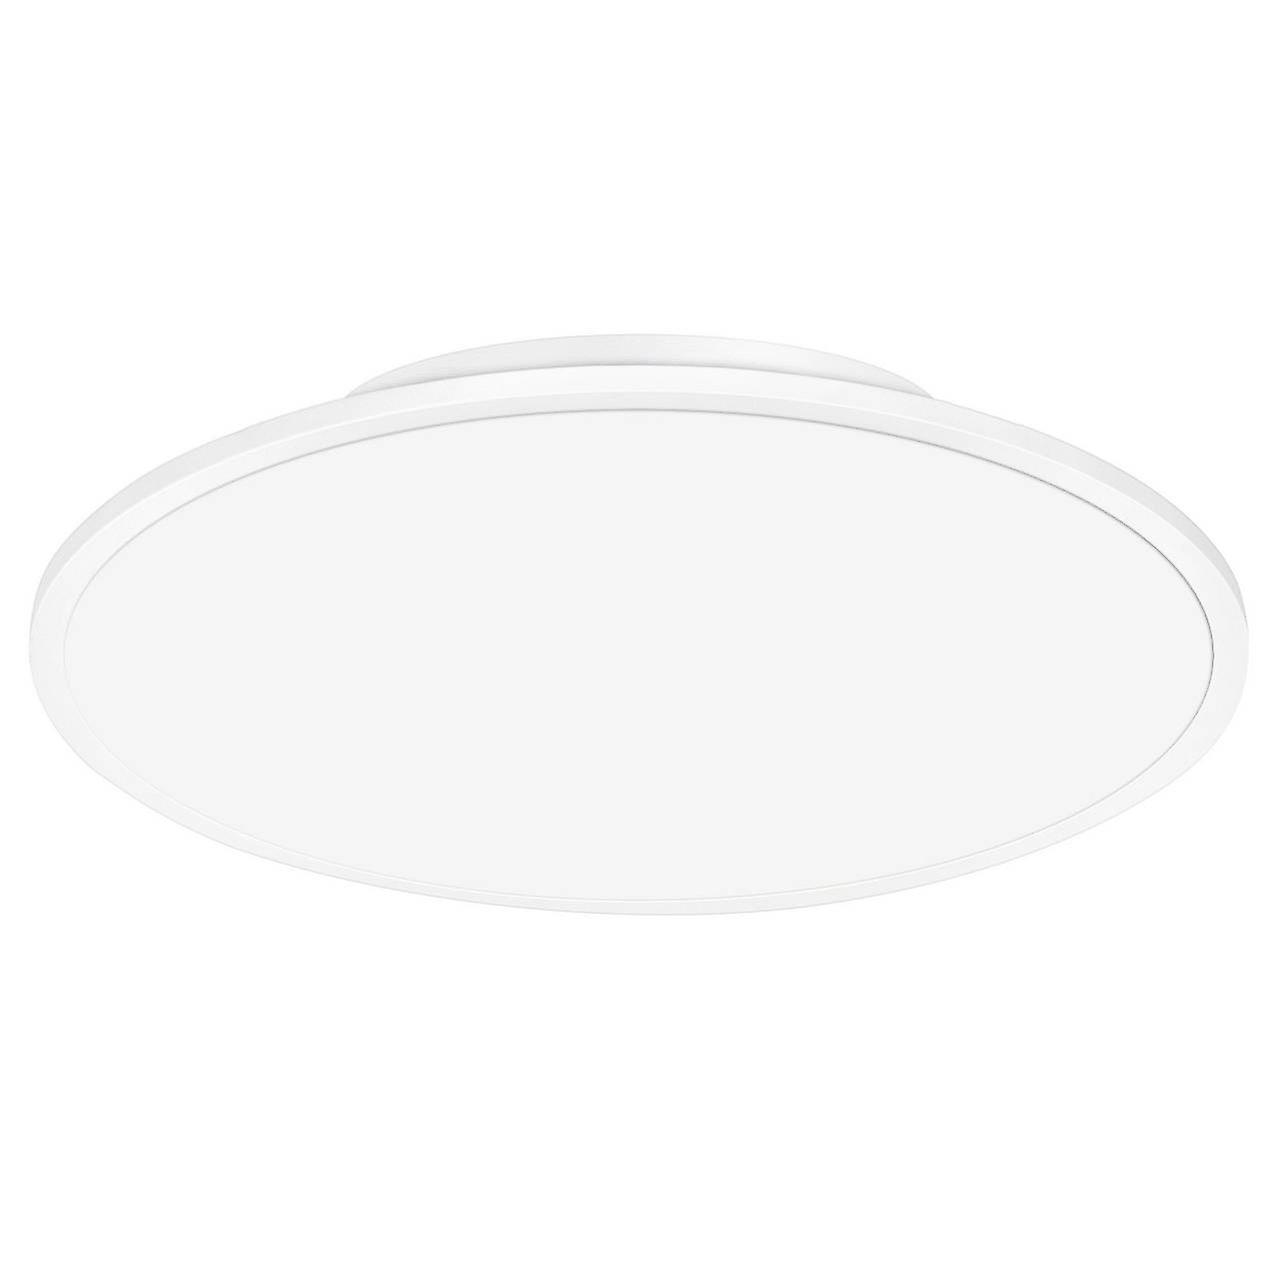 BRILLIANT Lampe Ceres LED Deckenaufbau-Paneel 45cm weiß easyDim | 1x 30W LED integriert, (3000lm, 3000K) | Skala A++ bis E | EasyDim: dimmbar mit herkömmlichen Lichtschaltern